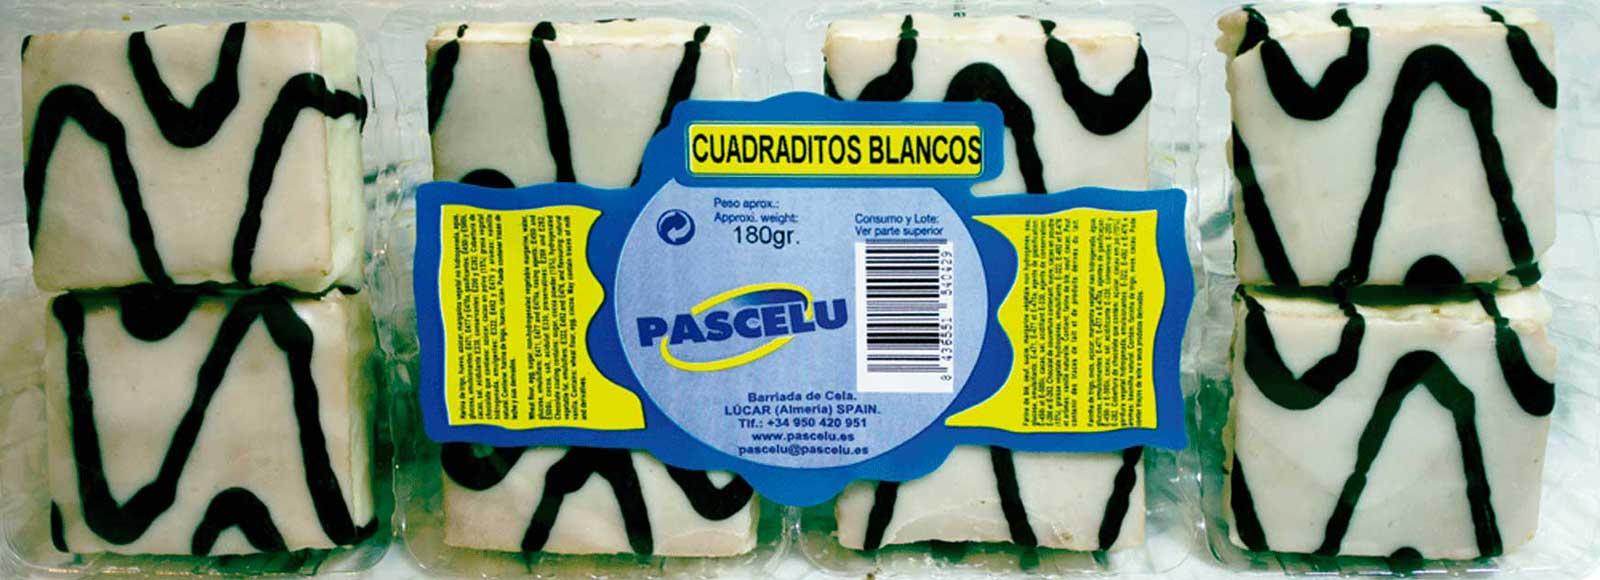 Cuadraditos Blancos